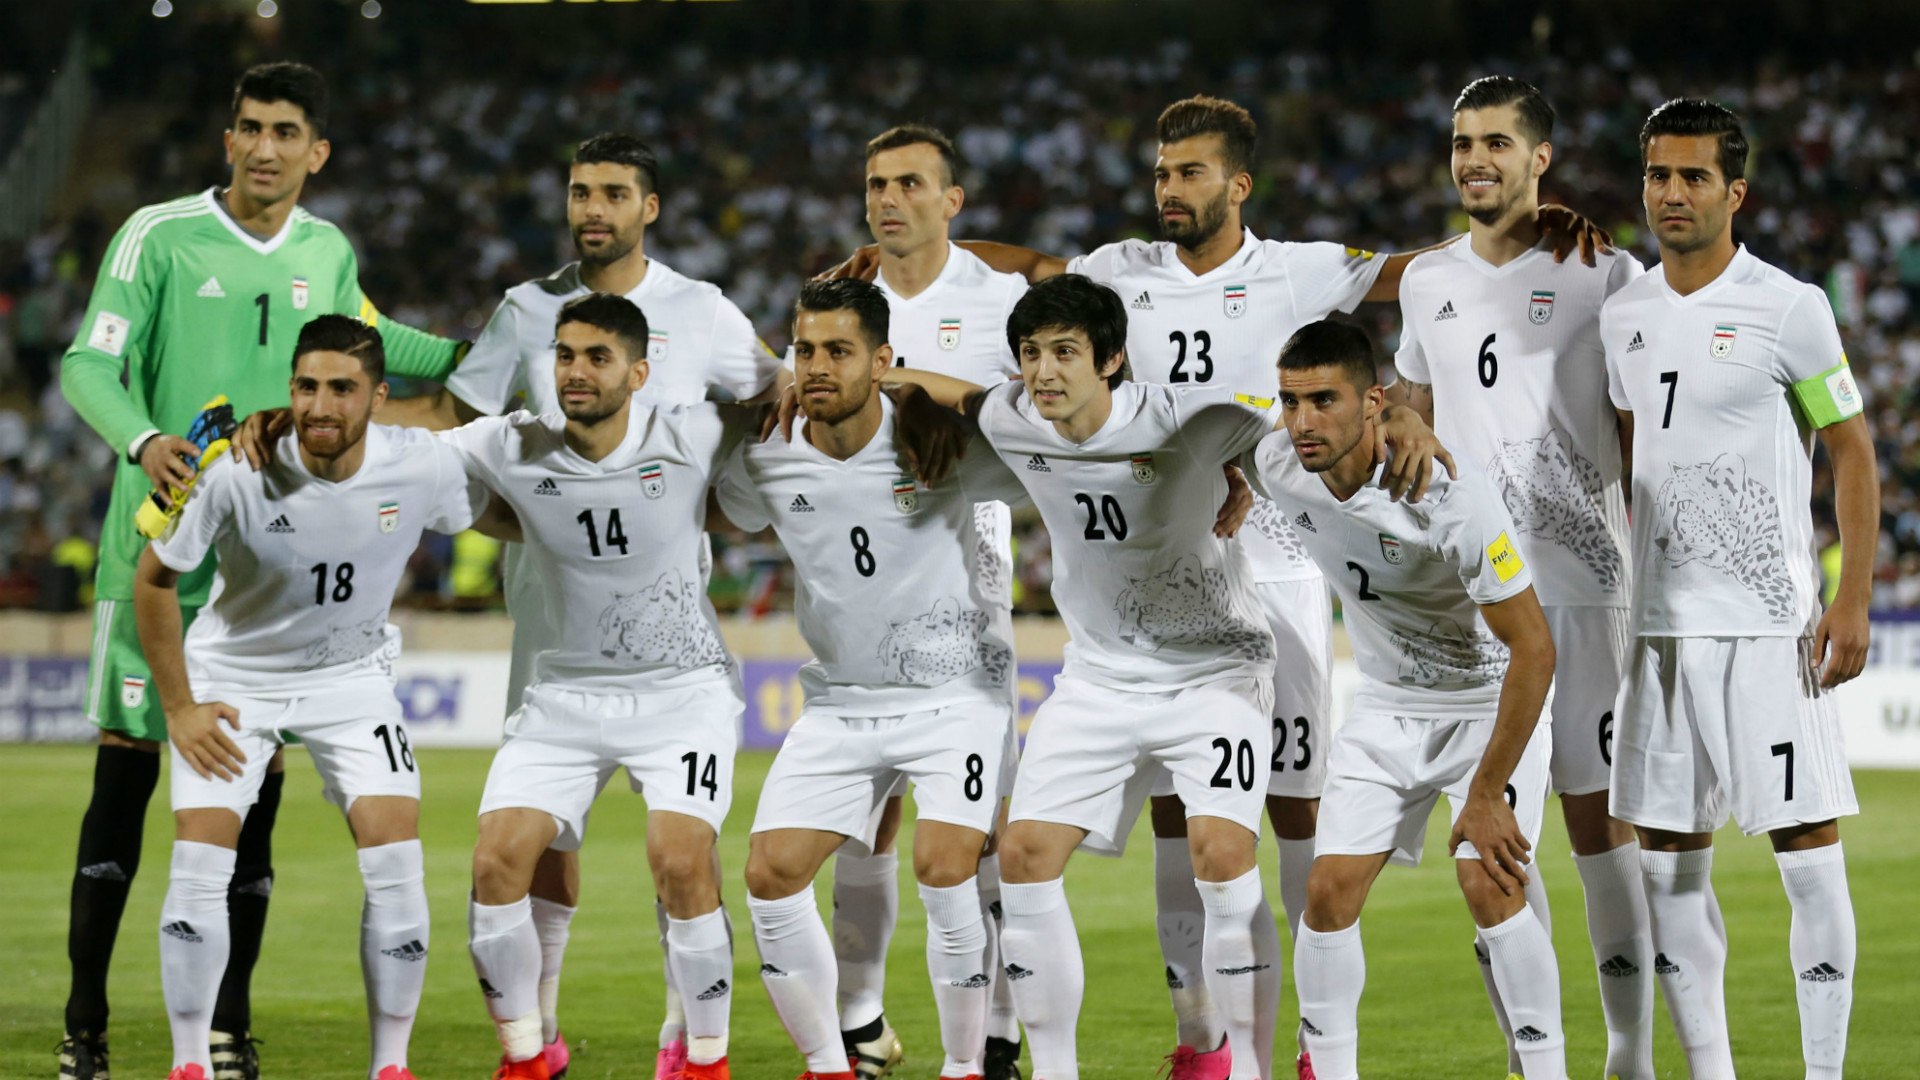 Coupe du monde 2018: l'Iran troisième pays qualifié